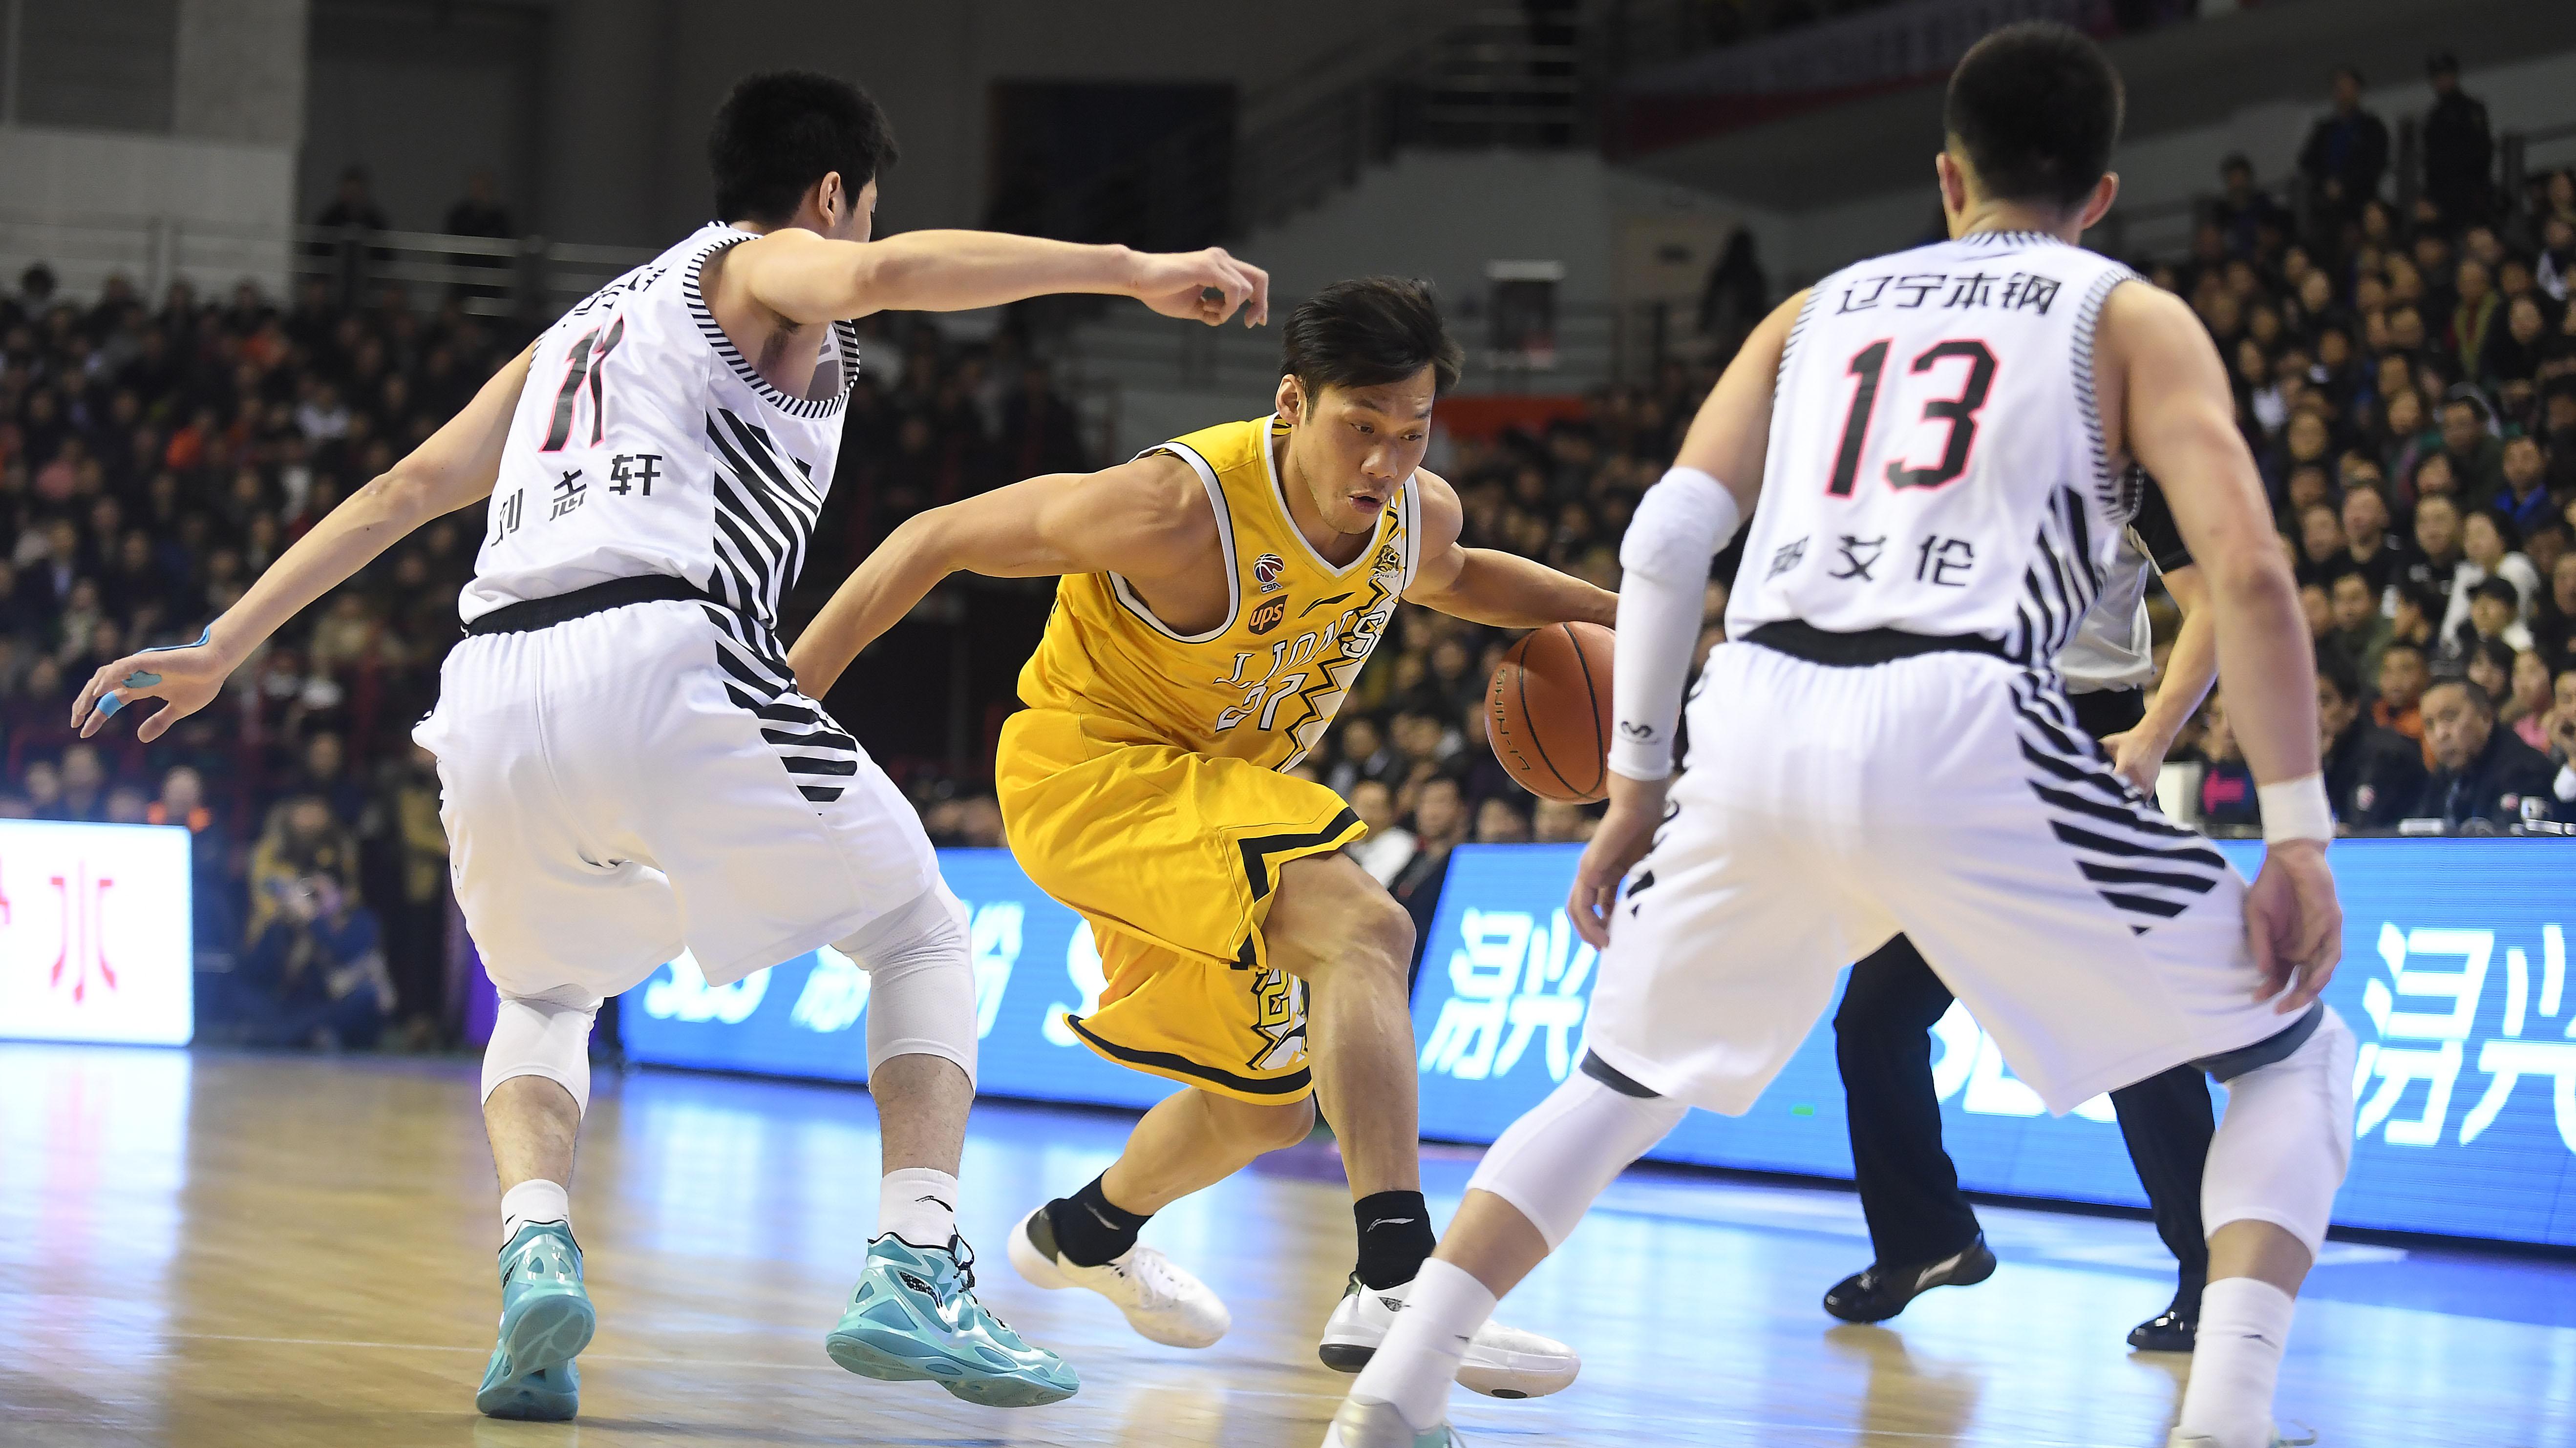 图为浙江球员林俊杰带球突破。